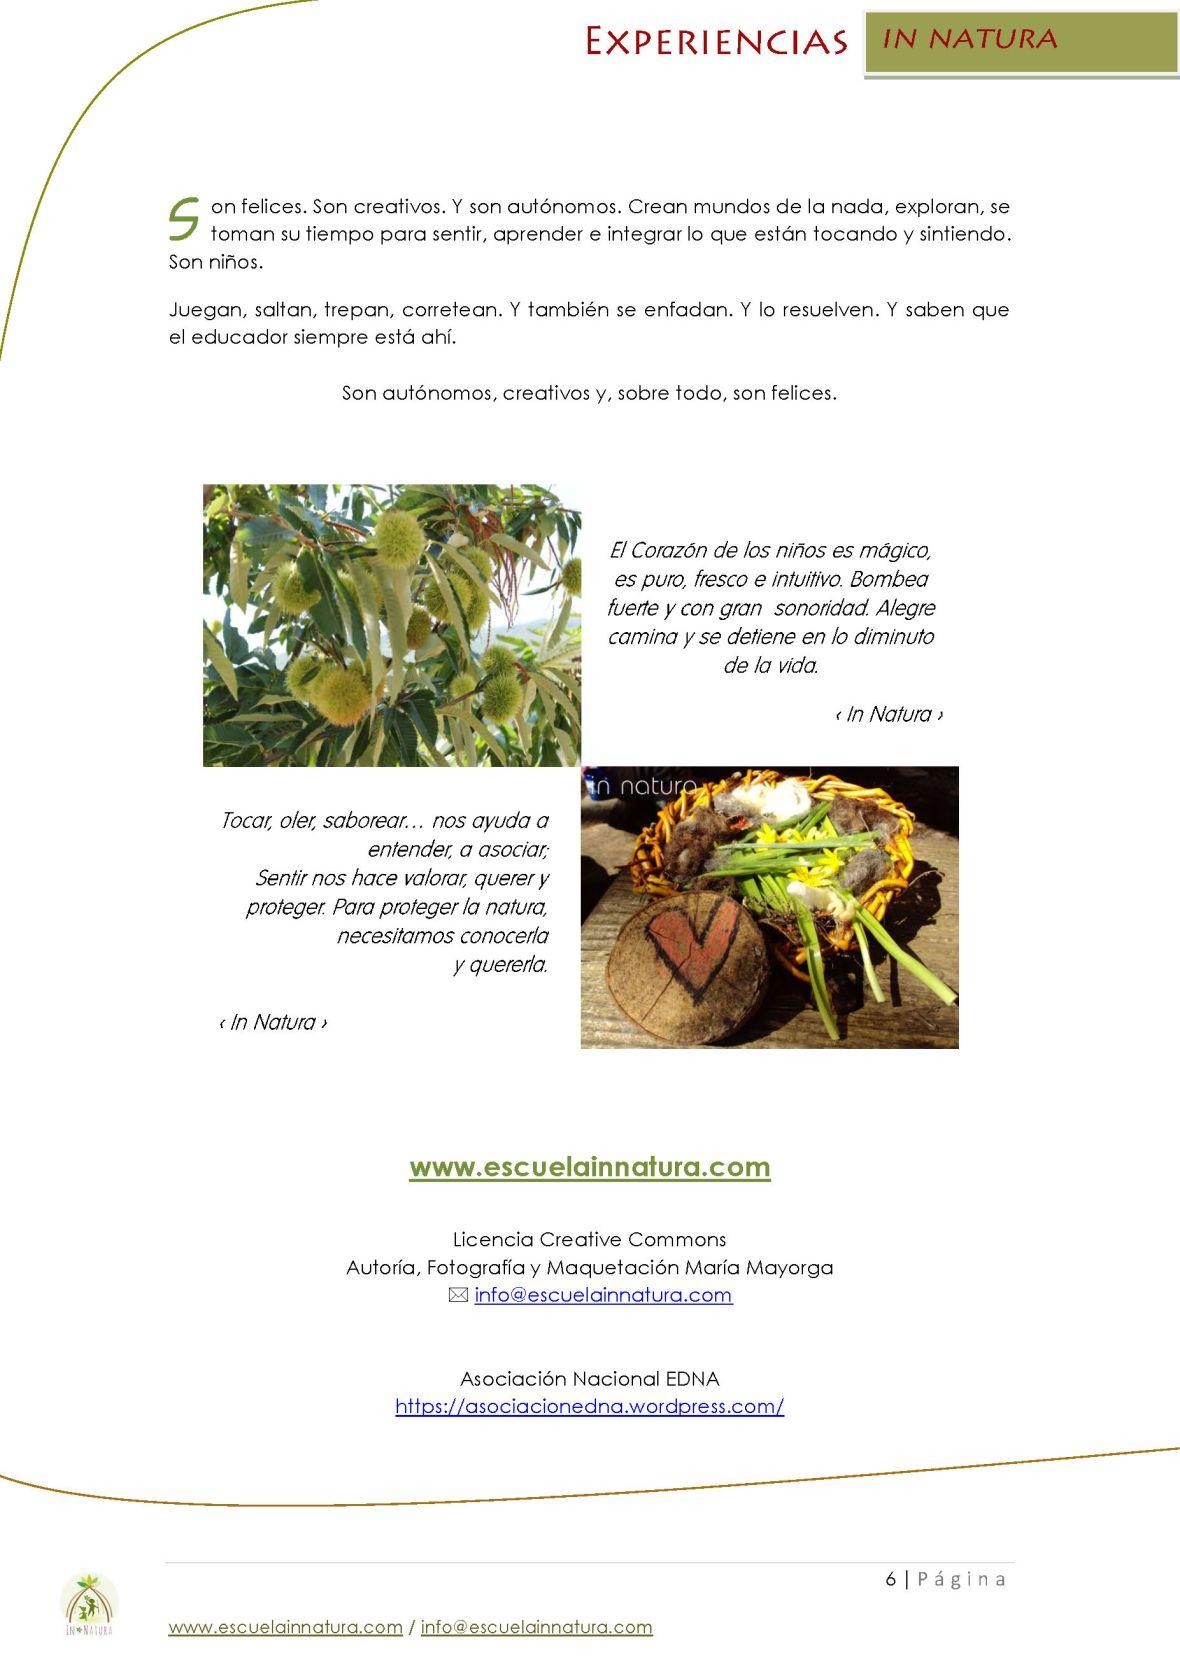 IN NATURA_ESCUELAS EN LA NATURALEZA_Página_6